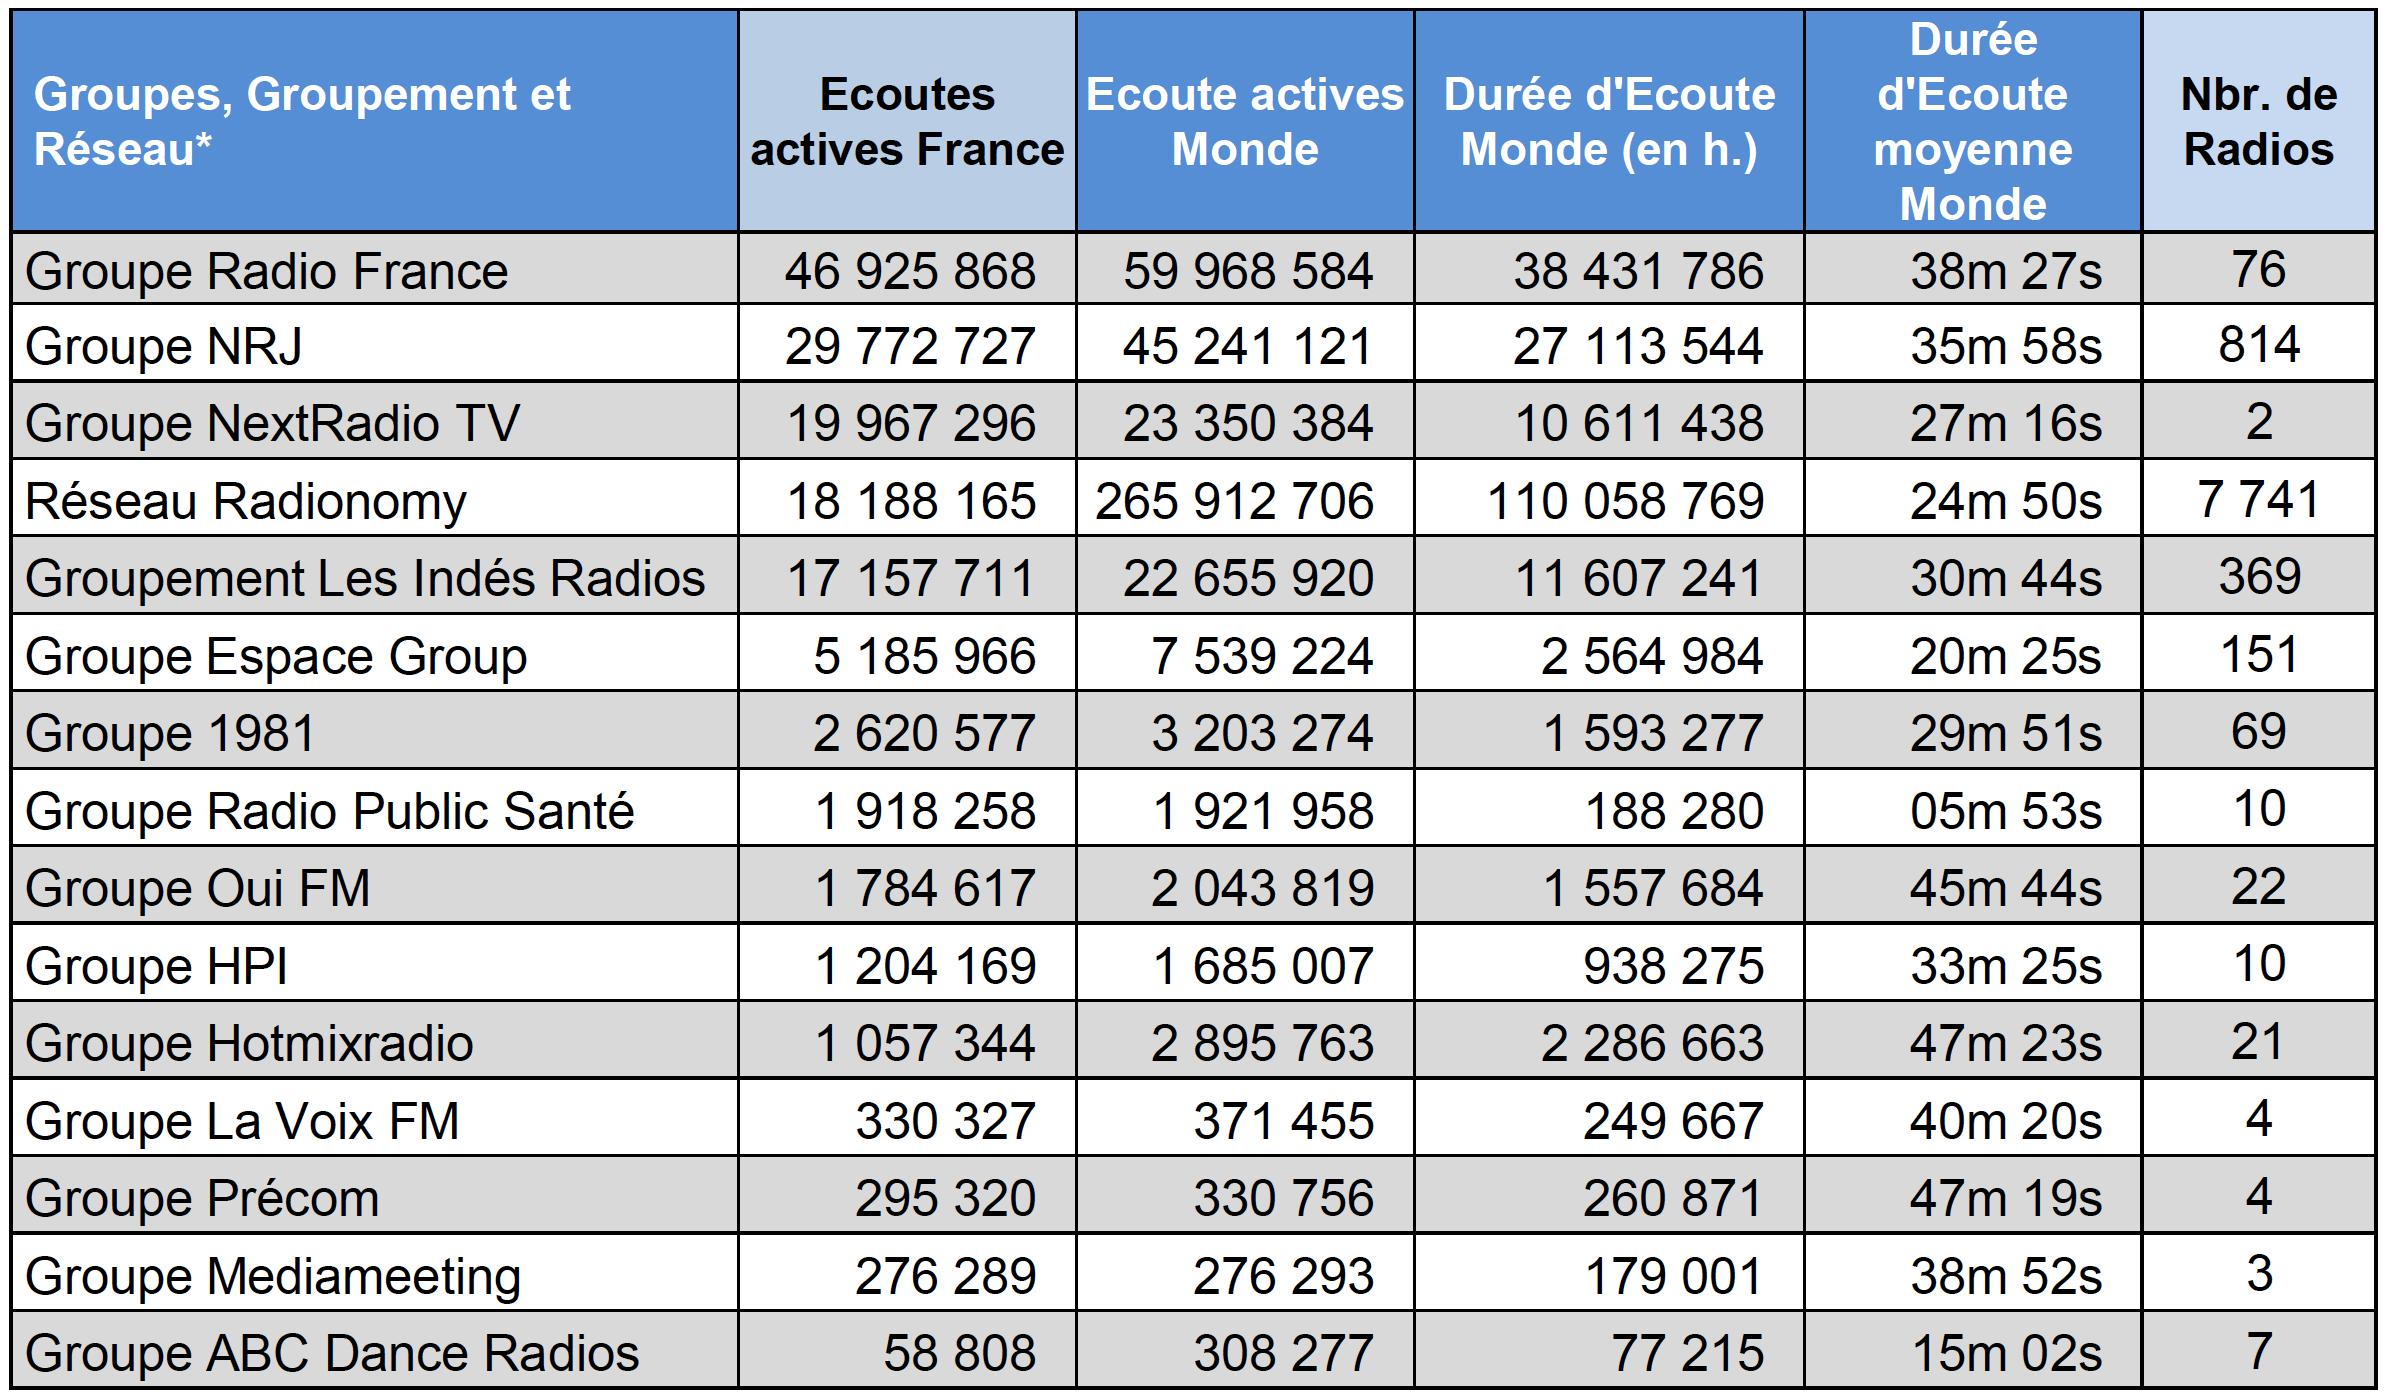 Numérique : l'écoute de la radio a progressé de 8% en un an